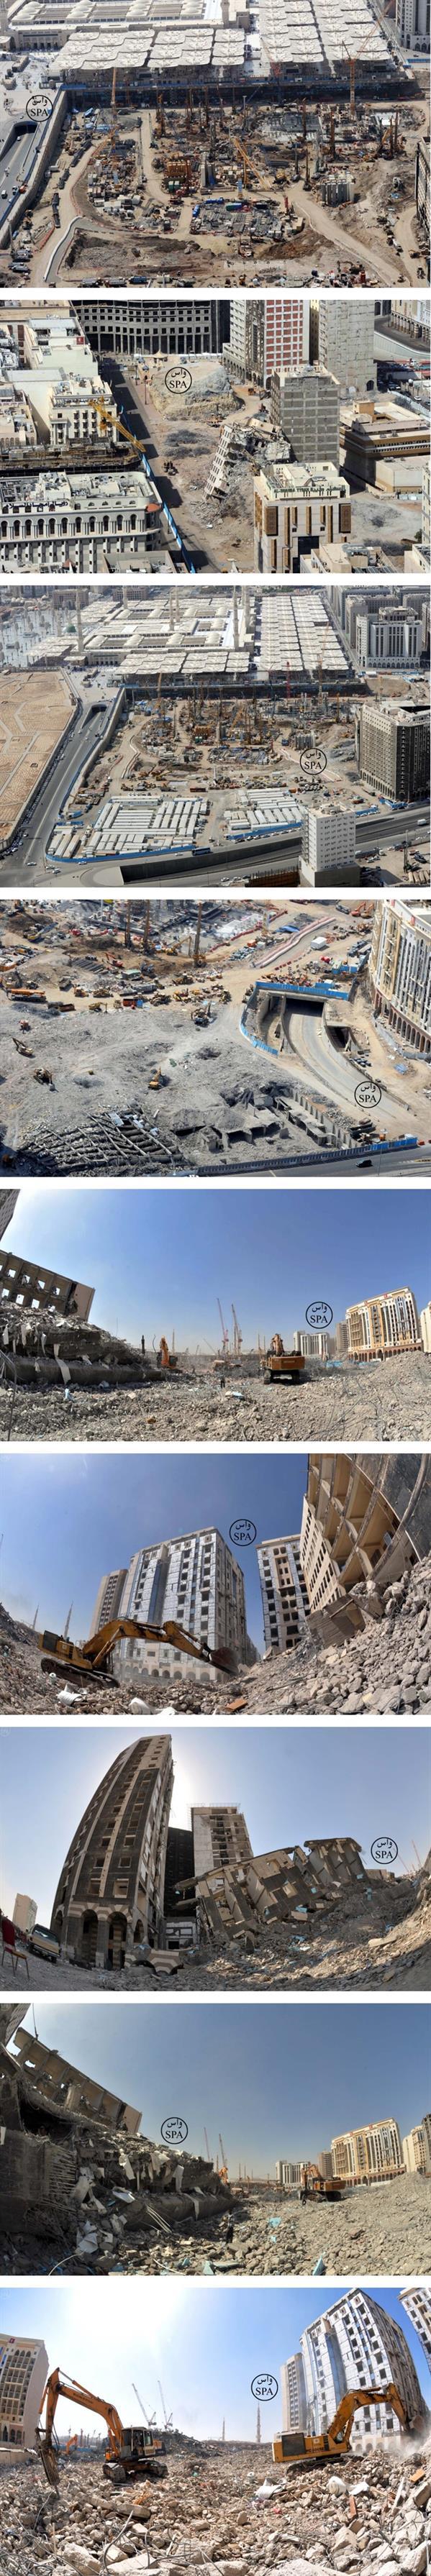 صور إزالة العقارات المحيطة بالمسجد النبوي لإتمام مشروع التوسعة Mosque Madina City